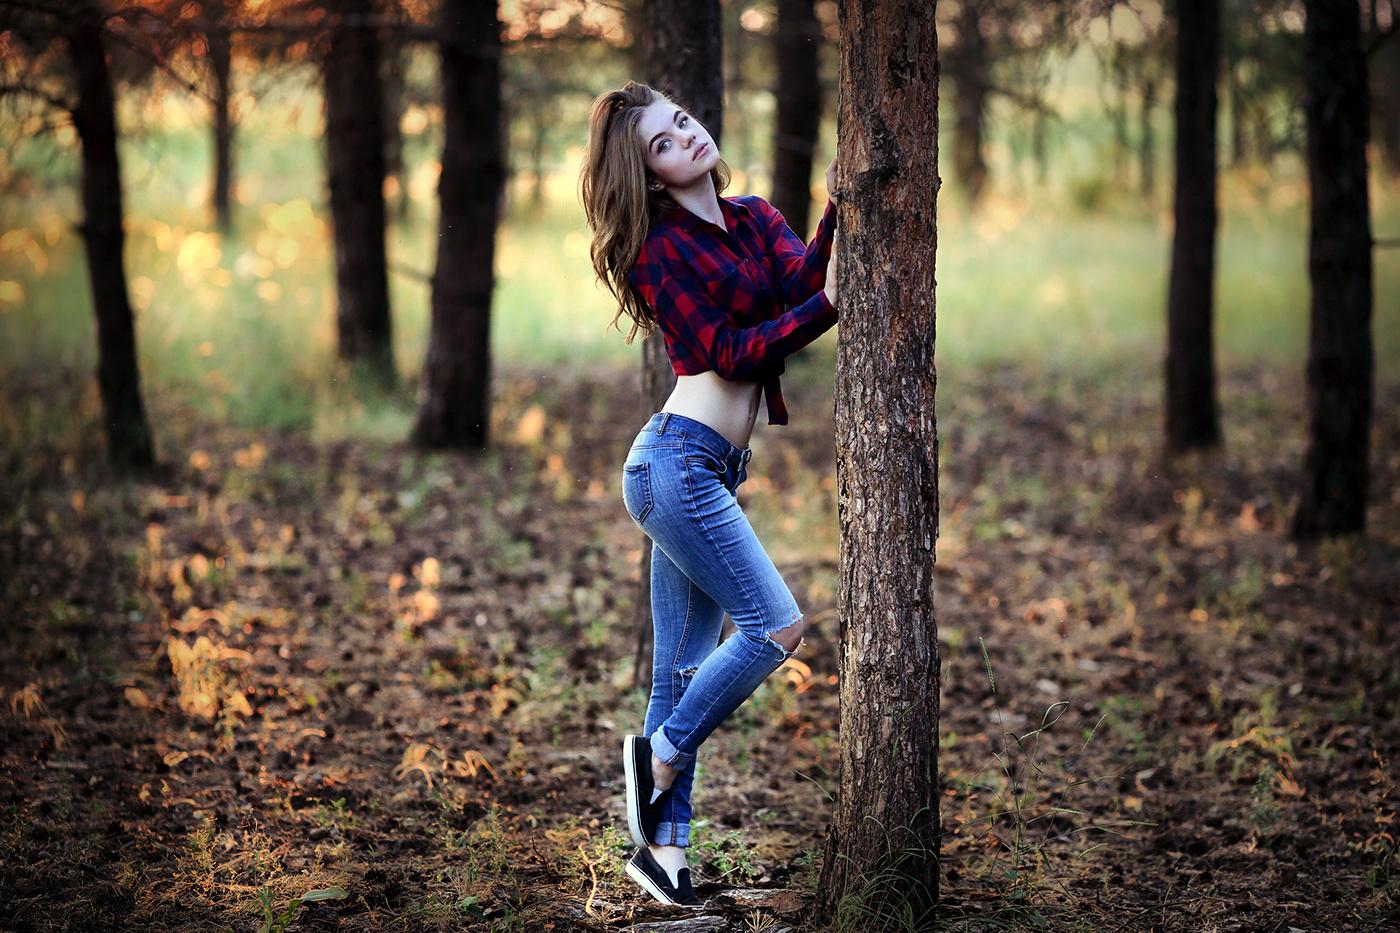 как напоказ идеи для фотосессии в джинсах фото результате этого явления